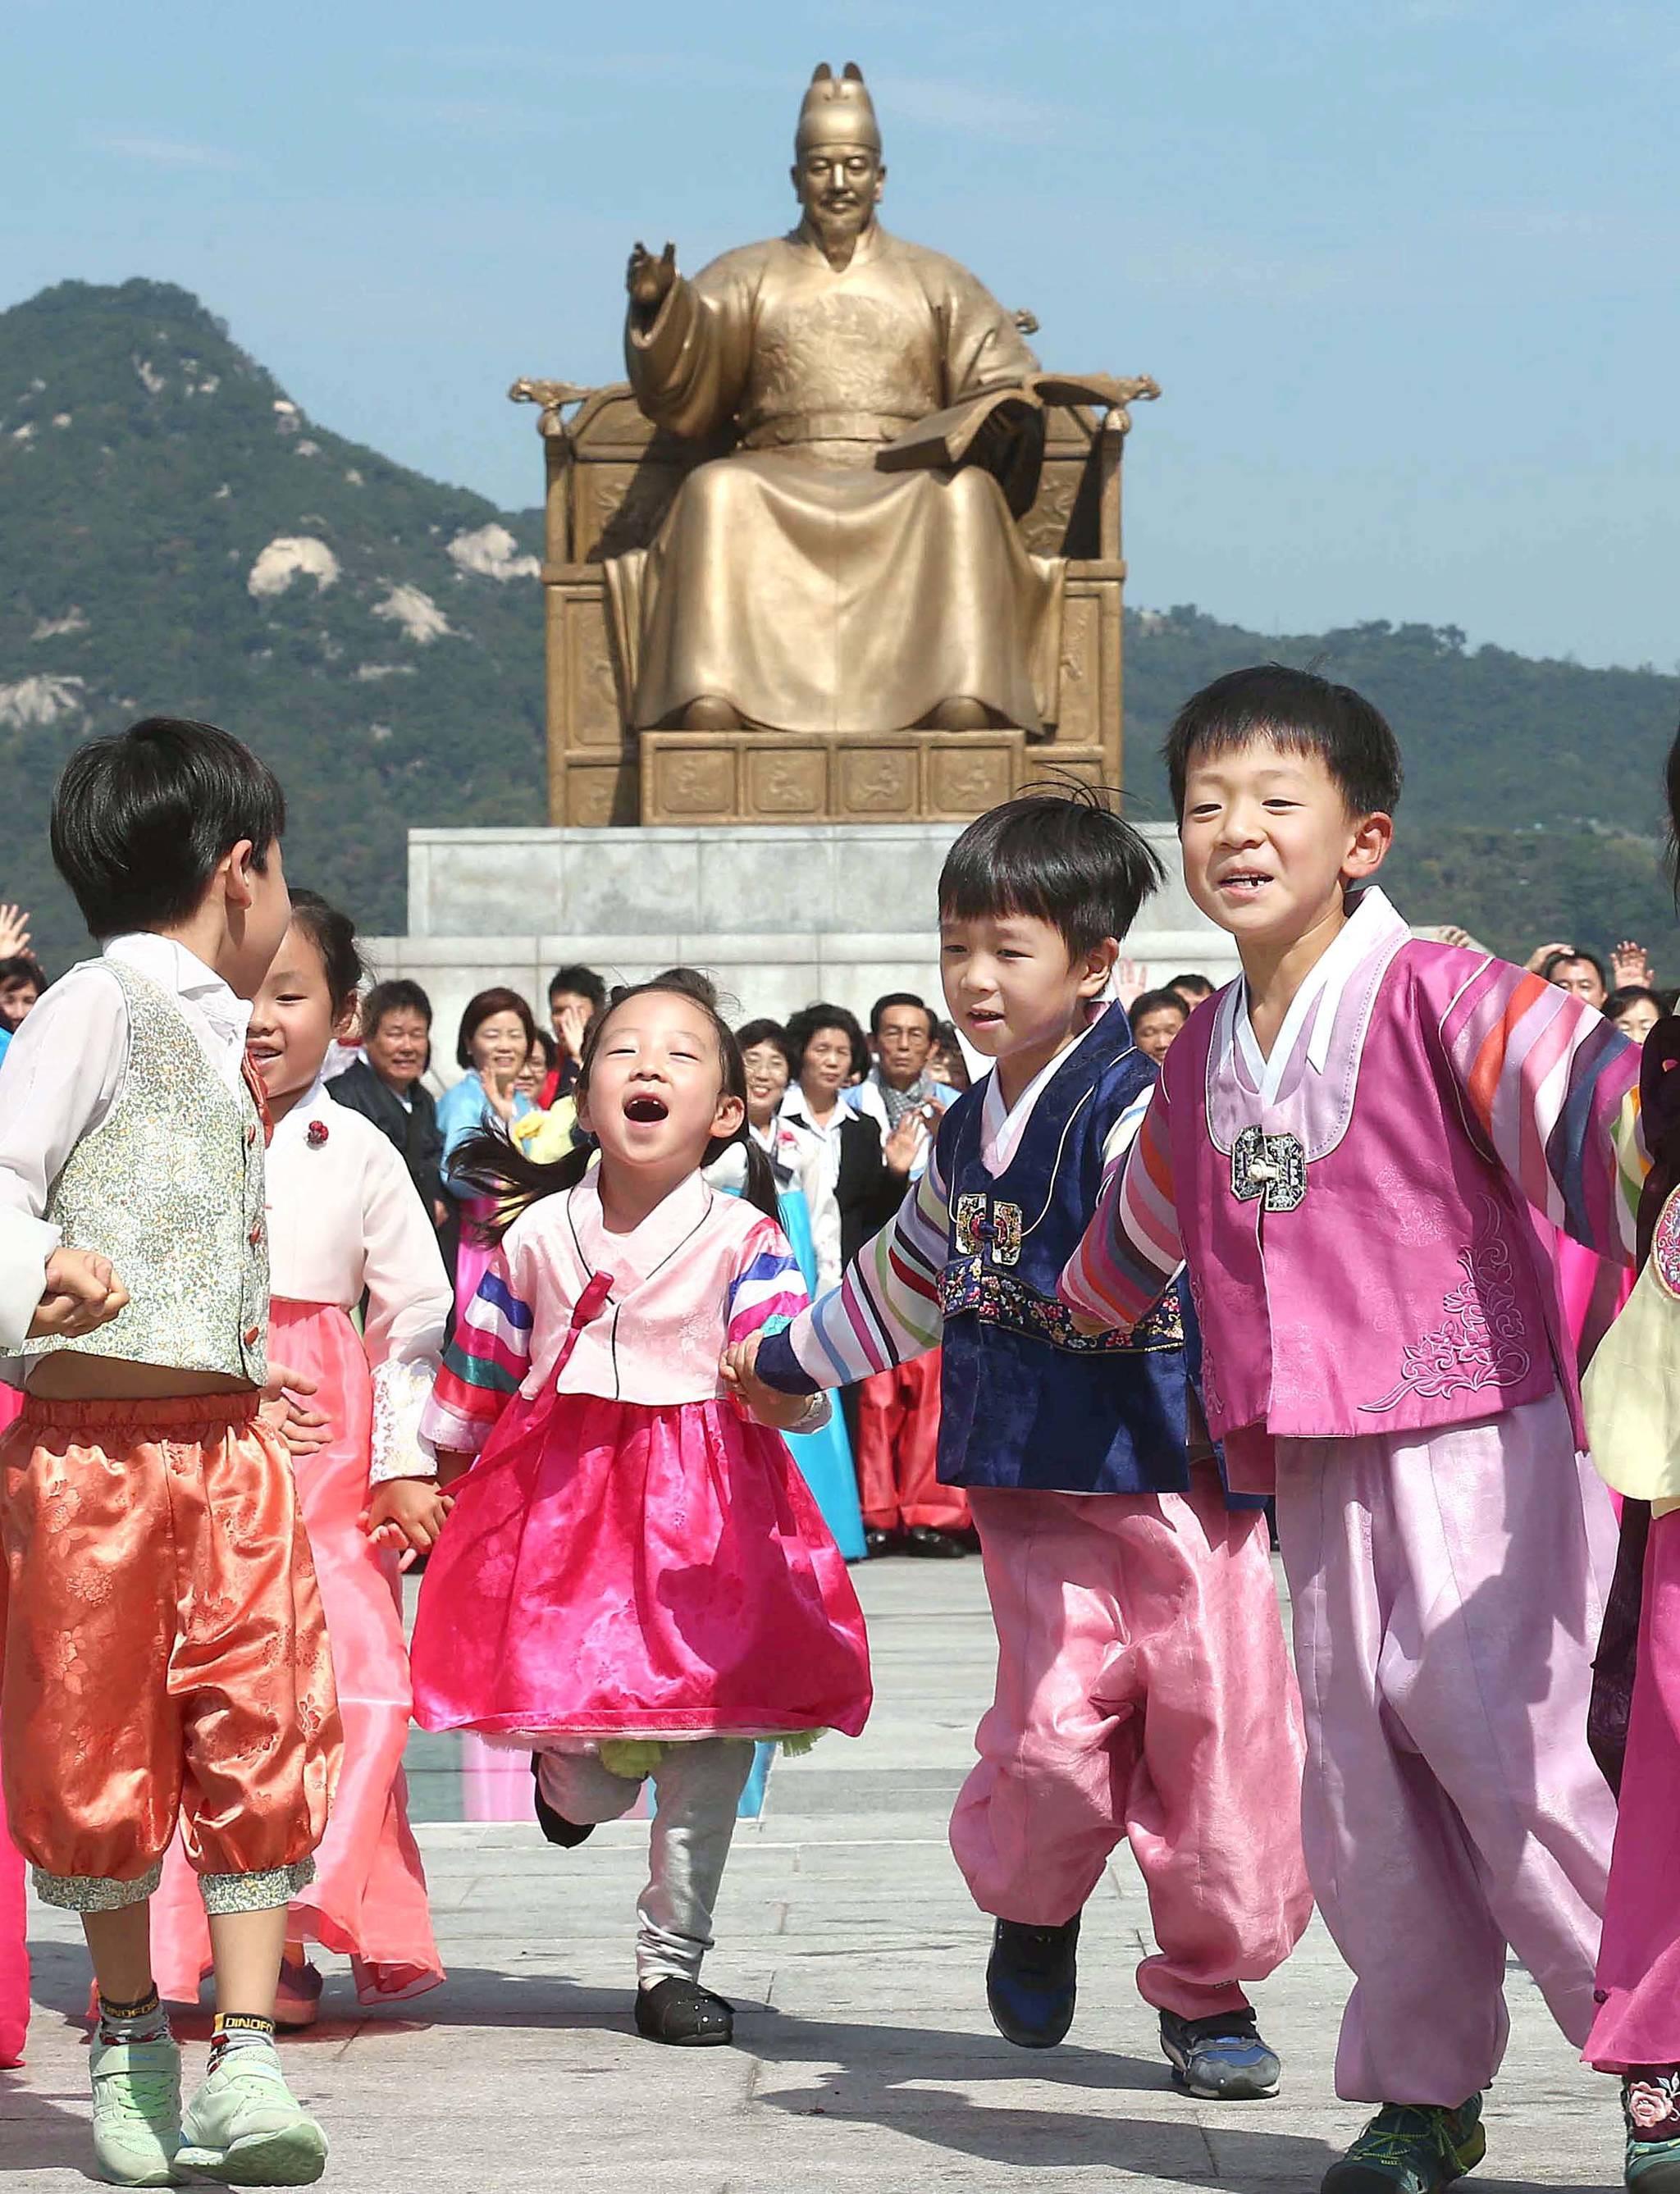 해가 거듭될 수록 추석에 한복을 입는 이들이 줄고 있다. 2015년 추석(9월27일)을 앞둔 24일 '추석명절 전통 한복입기 퍼레이드 및 캠페인'이 종로구 새마을지회 주최로 서울 광화문광장에서 열렸다. 한복을 입은 어린이들이 손을 잡고 퍼레이드를 펼치고 있다.김상선 기자